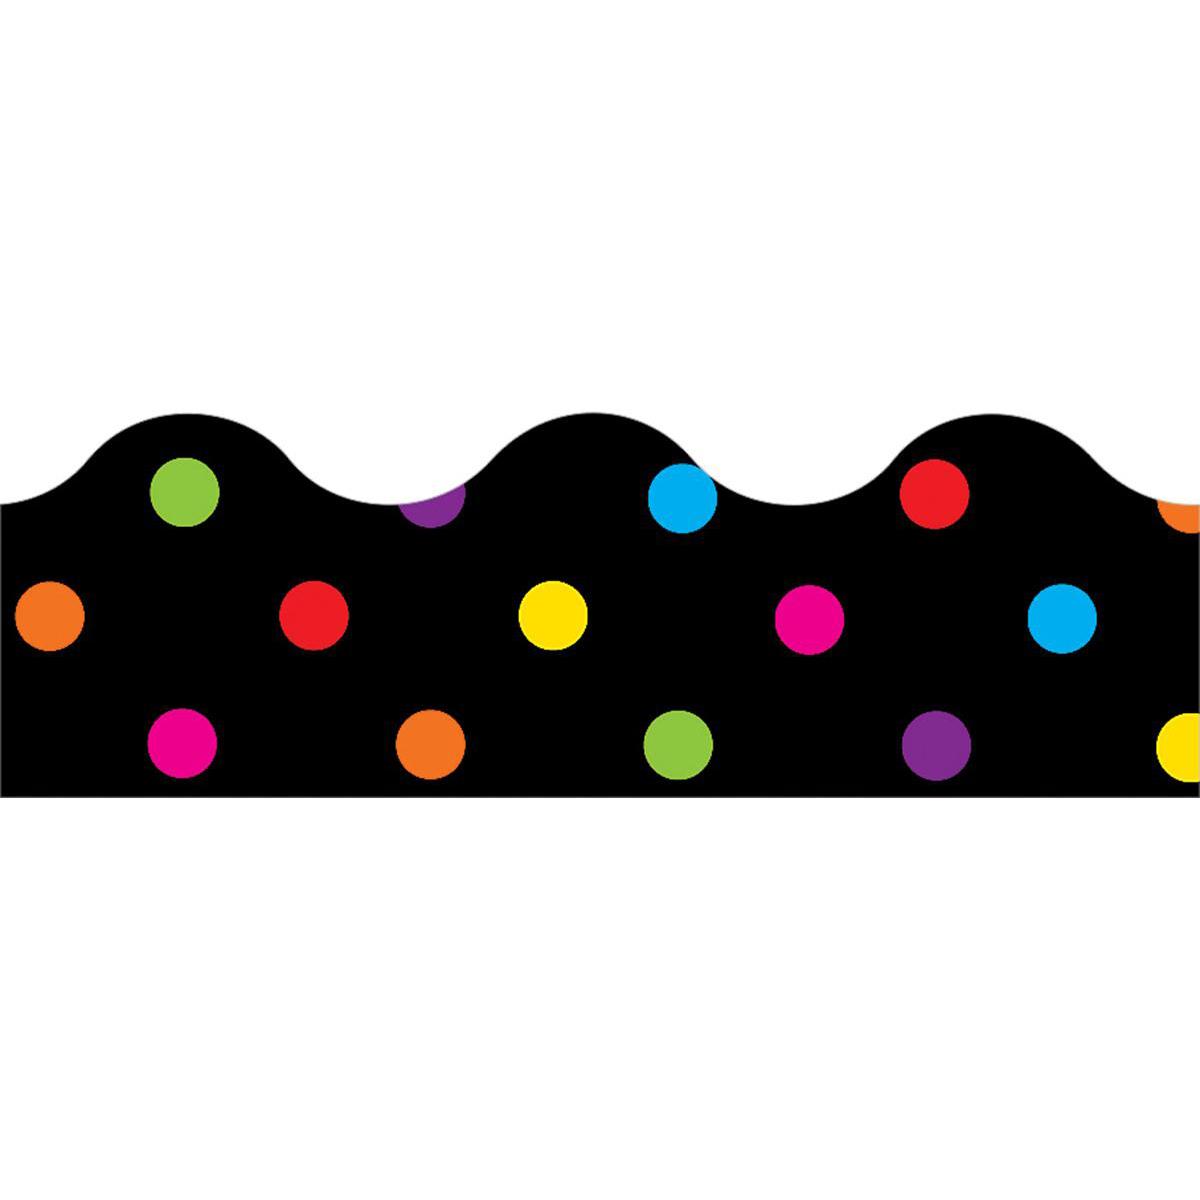 Bordures décoratives à pois multicolores sur fond noir